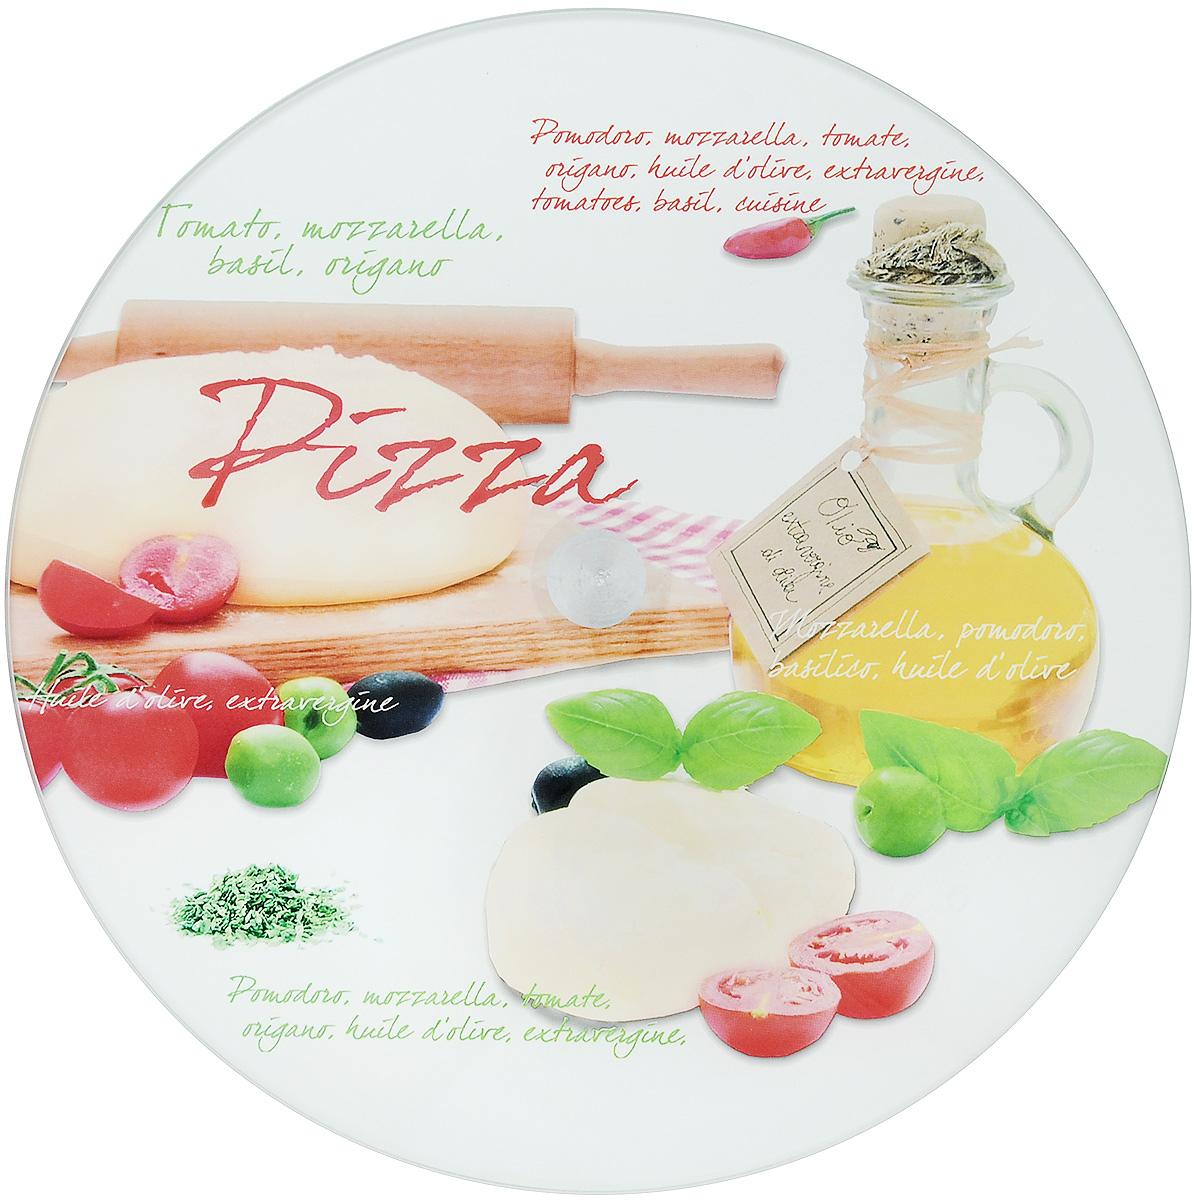 Блюдо для пиццы Арт-Дон, вращающееся, диаметр 30 смАР-ВБП01ПКруглое блюдо для торта Арт-Дон изготовлено из стекла и оформлено яркими рисунками и надписями. Блюдо прекрасно подходит для подачи пицц, тортов, пирогов и пирожных. Изделие оснащено ножкой с вращающим механизмом. Изысканное оригинальное блюдо прекрасно подойдет для сервировки стола и удивит ваших гостей необычной формой и дизайном. Диаметр блюда: 30 см. Высота блюда: 2 см.